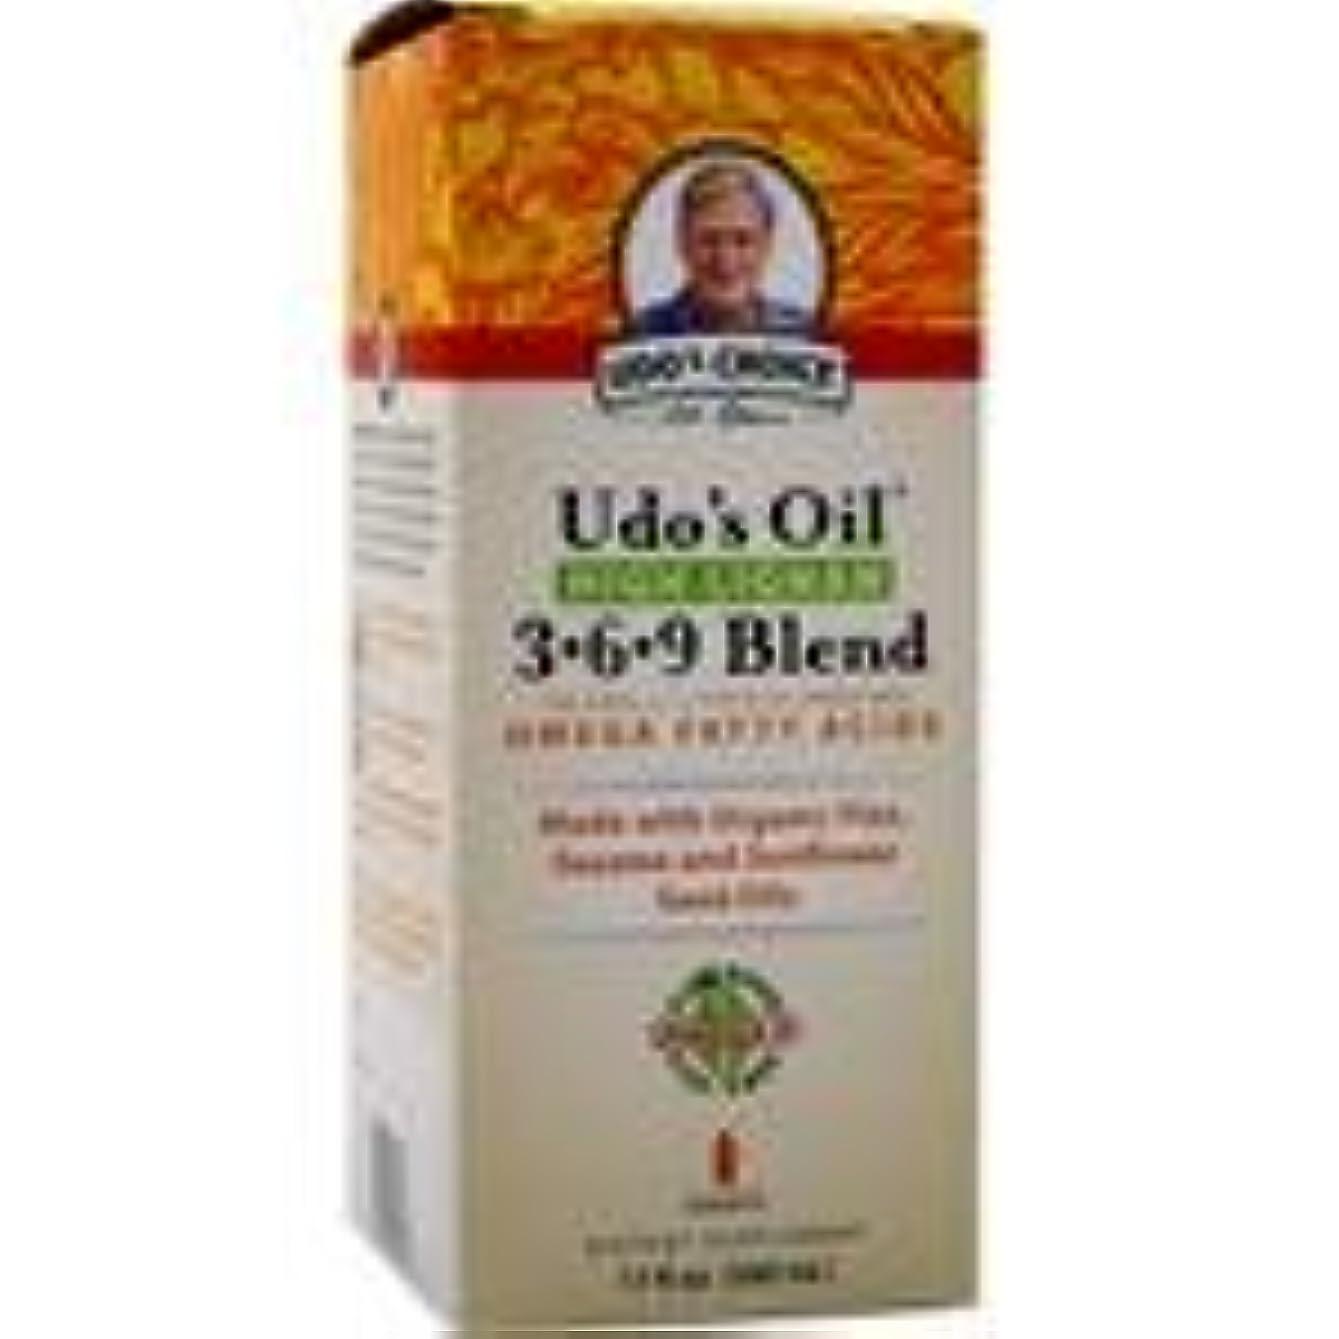 デクリメント純正殺人者Udo's Oil High Lignan 3-6-9 Blend 17 fl.oz 2個パック